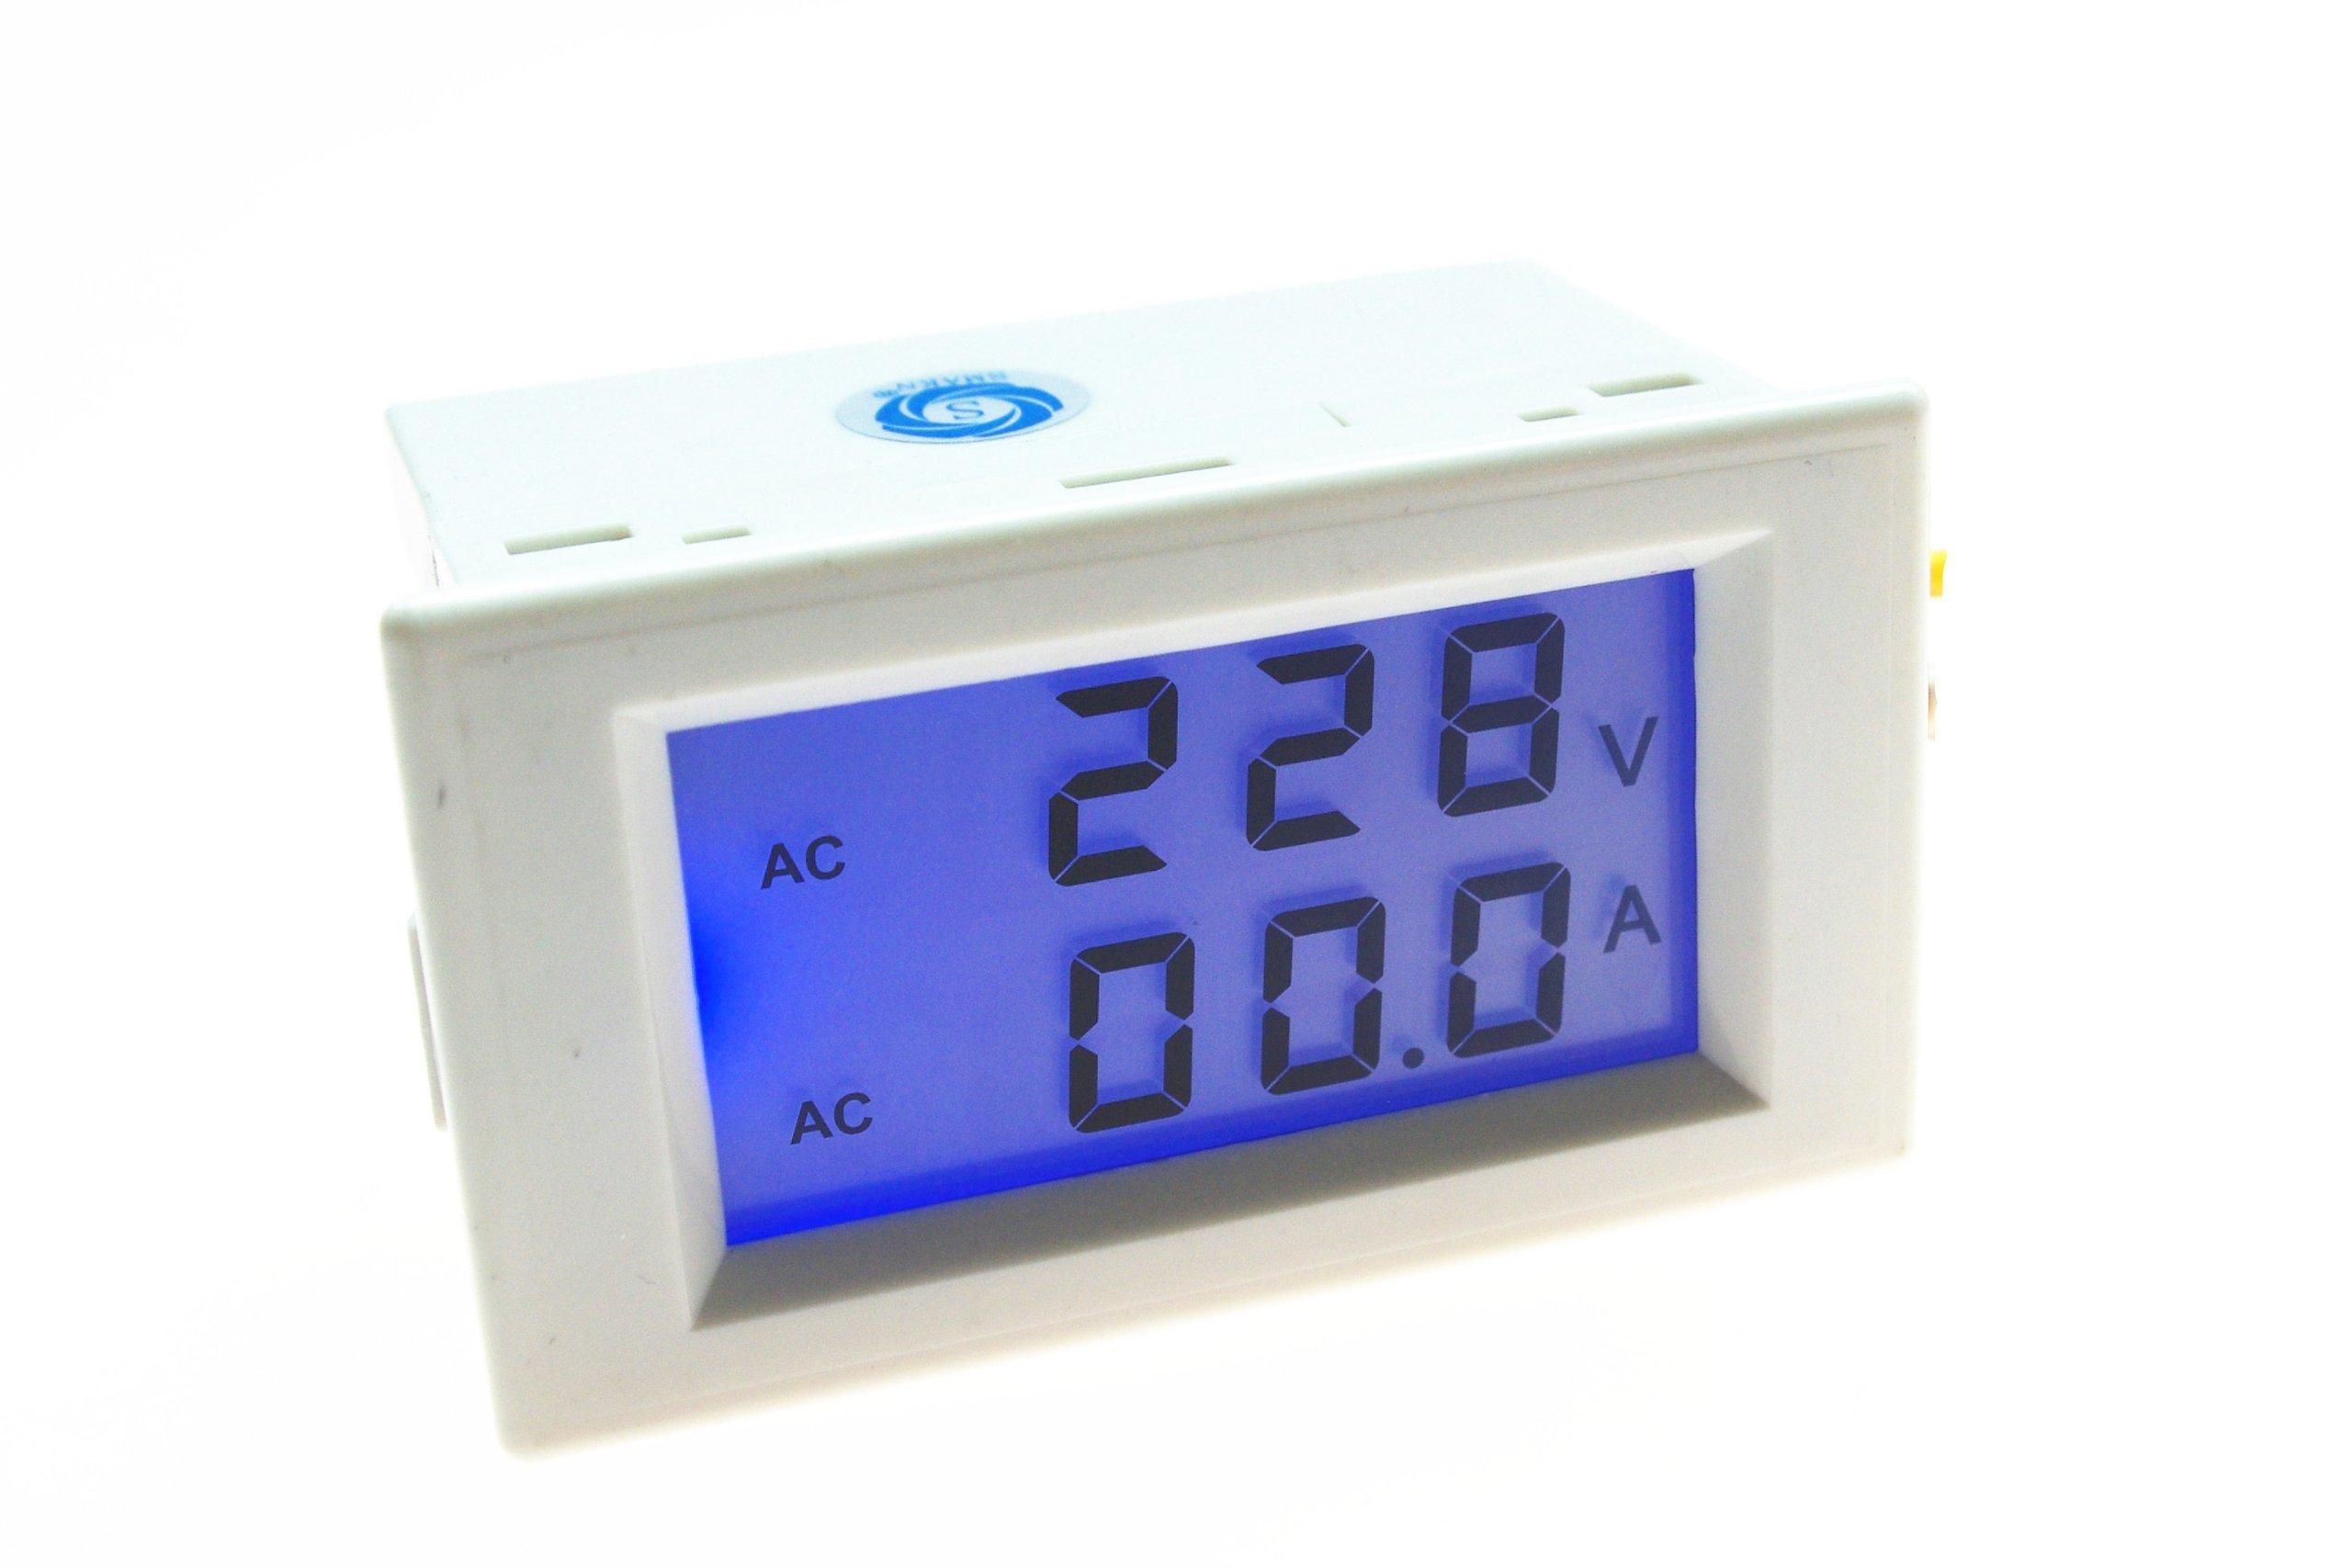 SMAKN AC 200-500V/50A Digital LCD Display Voltmeter Amperemeter Volt Gauge+Current Measure Sense Resistor by SMAKN (Image #1)